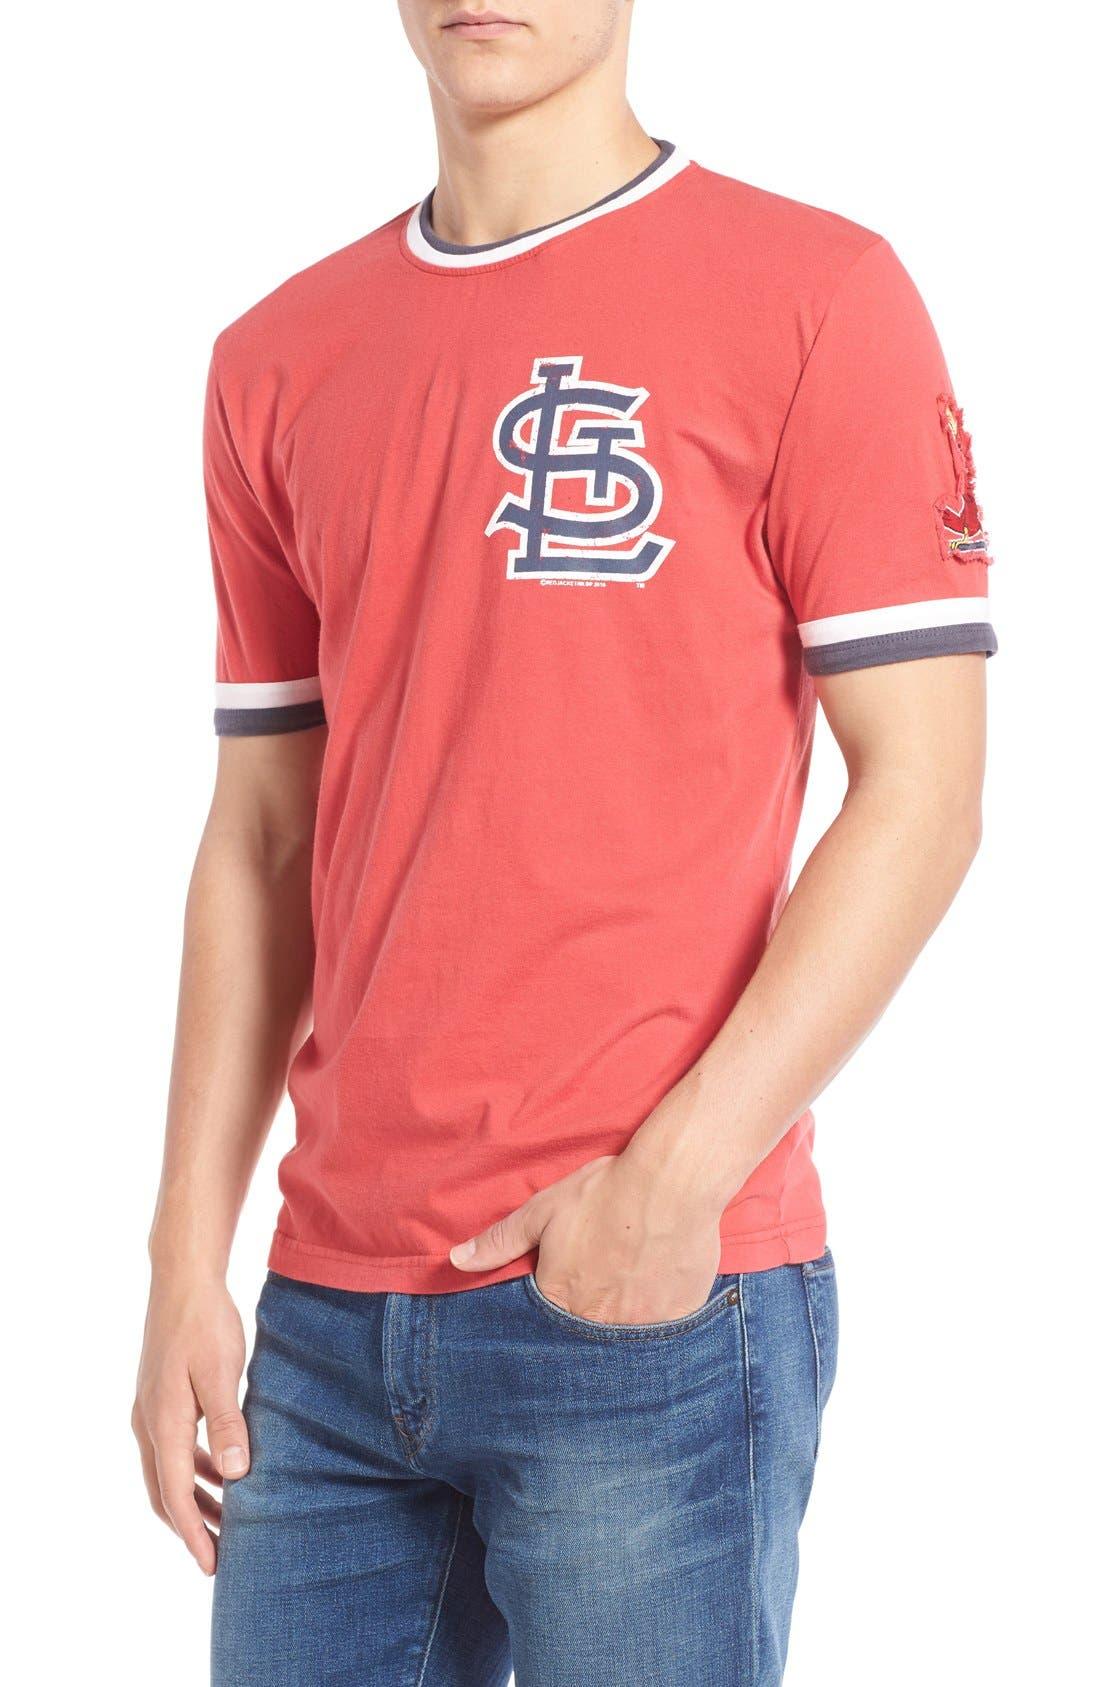 'Saint Louis Cardinals - Remote Control' Trim Fit T-Shirt,                         Main,                         color, Red